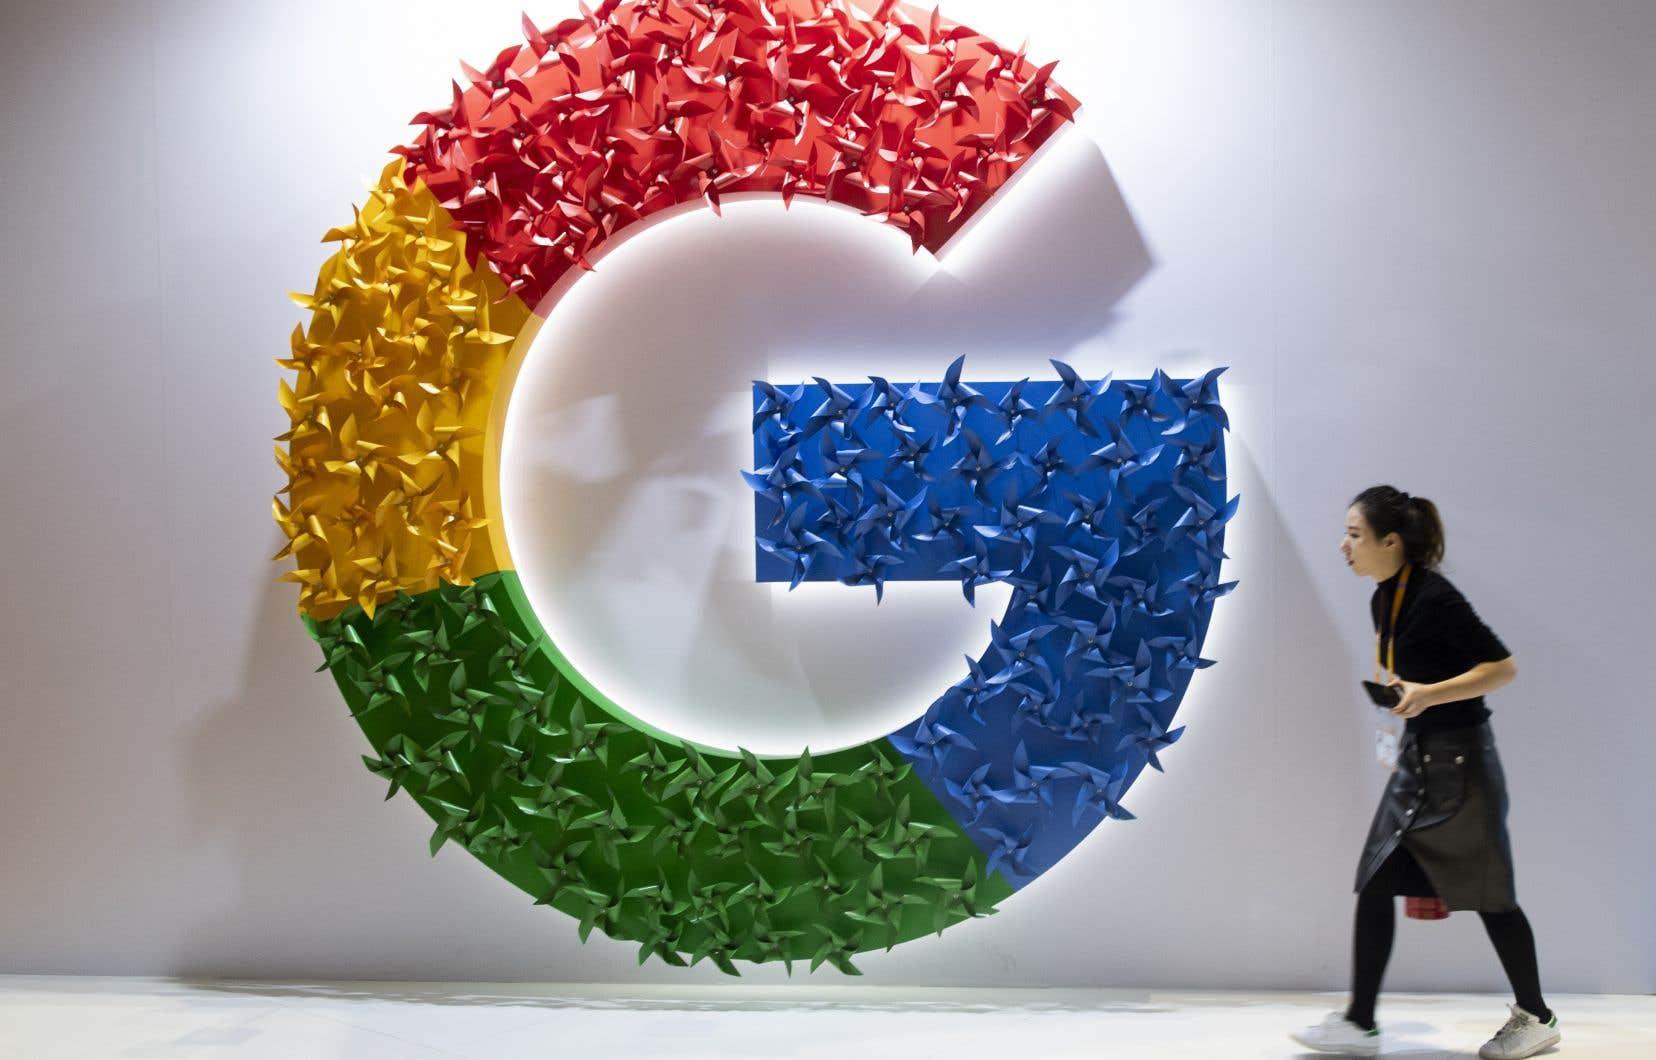 Google promet de communiquer régulièrement le nombre de cas de harcèlement sexuels avérés dans l'entreprise et les mesures disciplinaires prises.